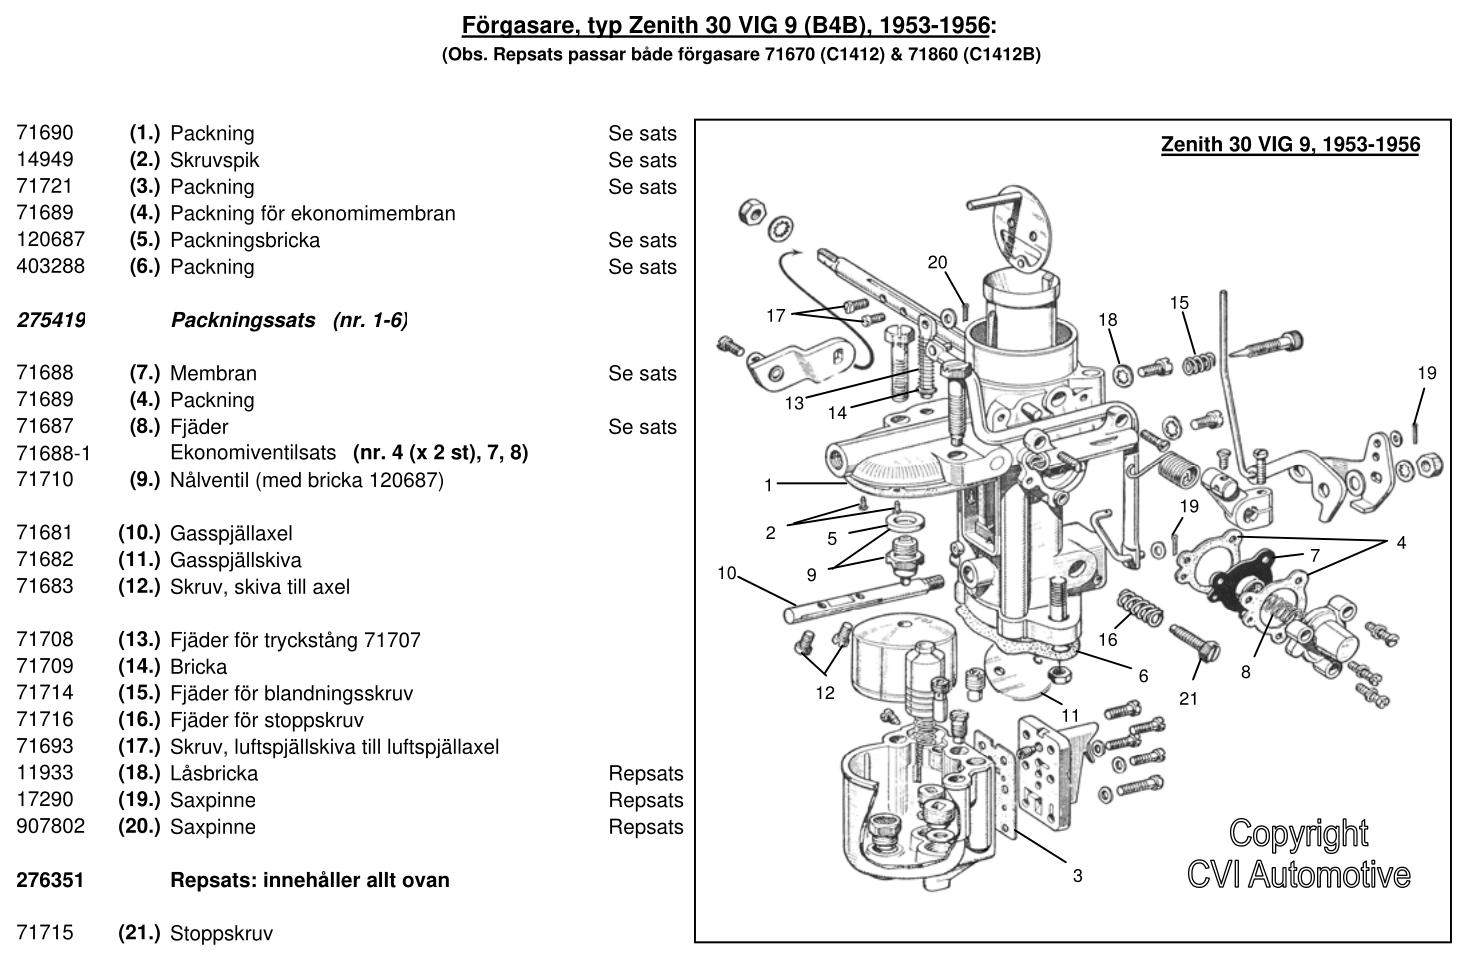 Sprängskiss - Zenith 30 VIG